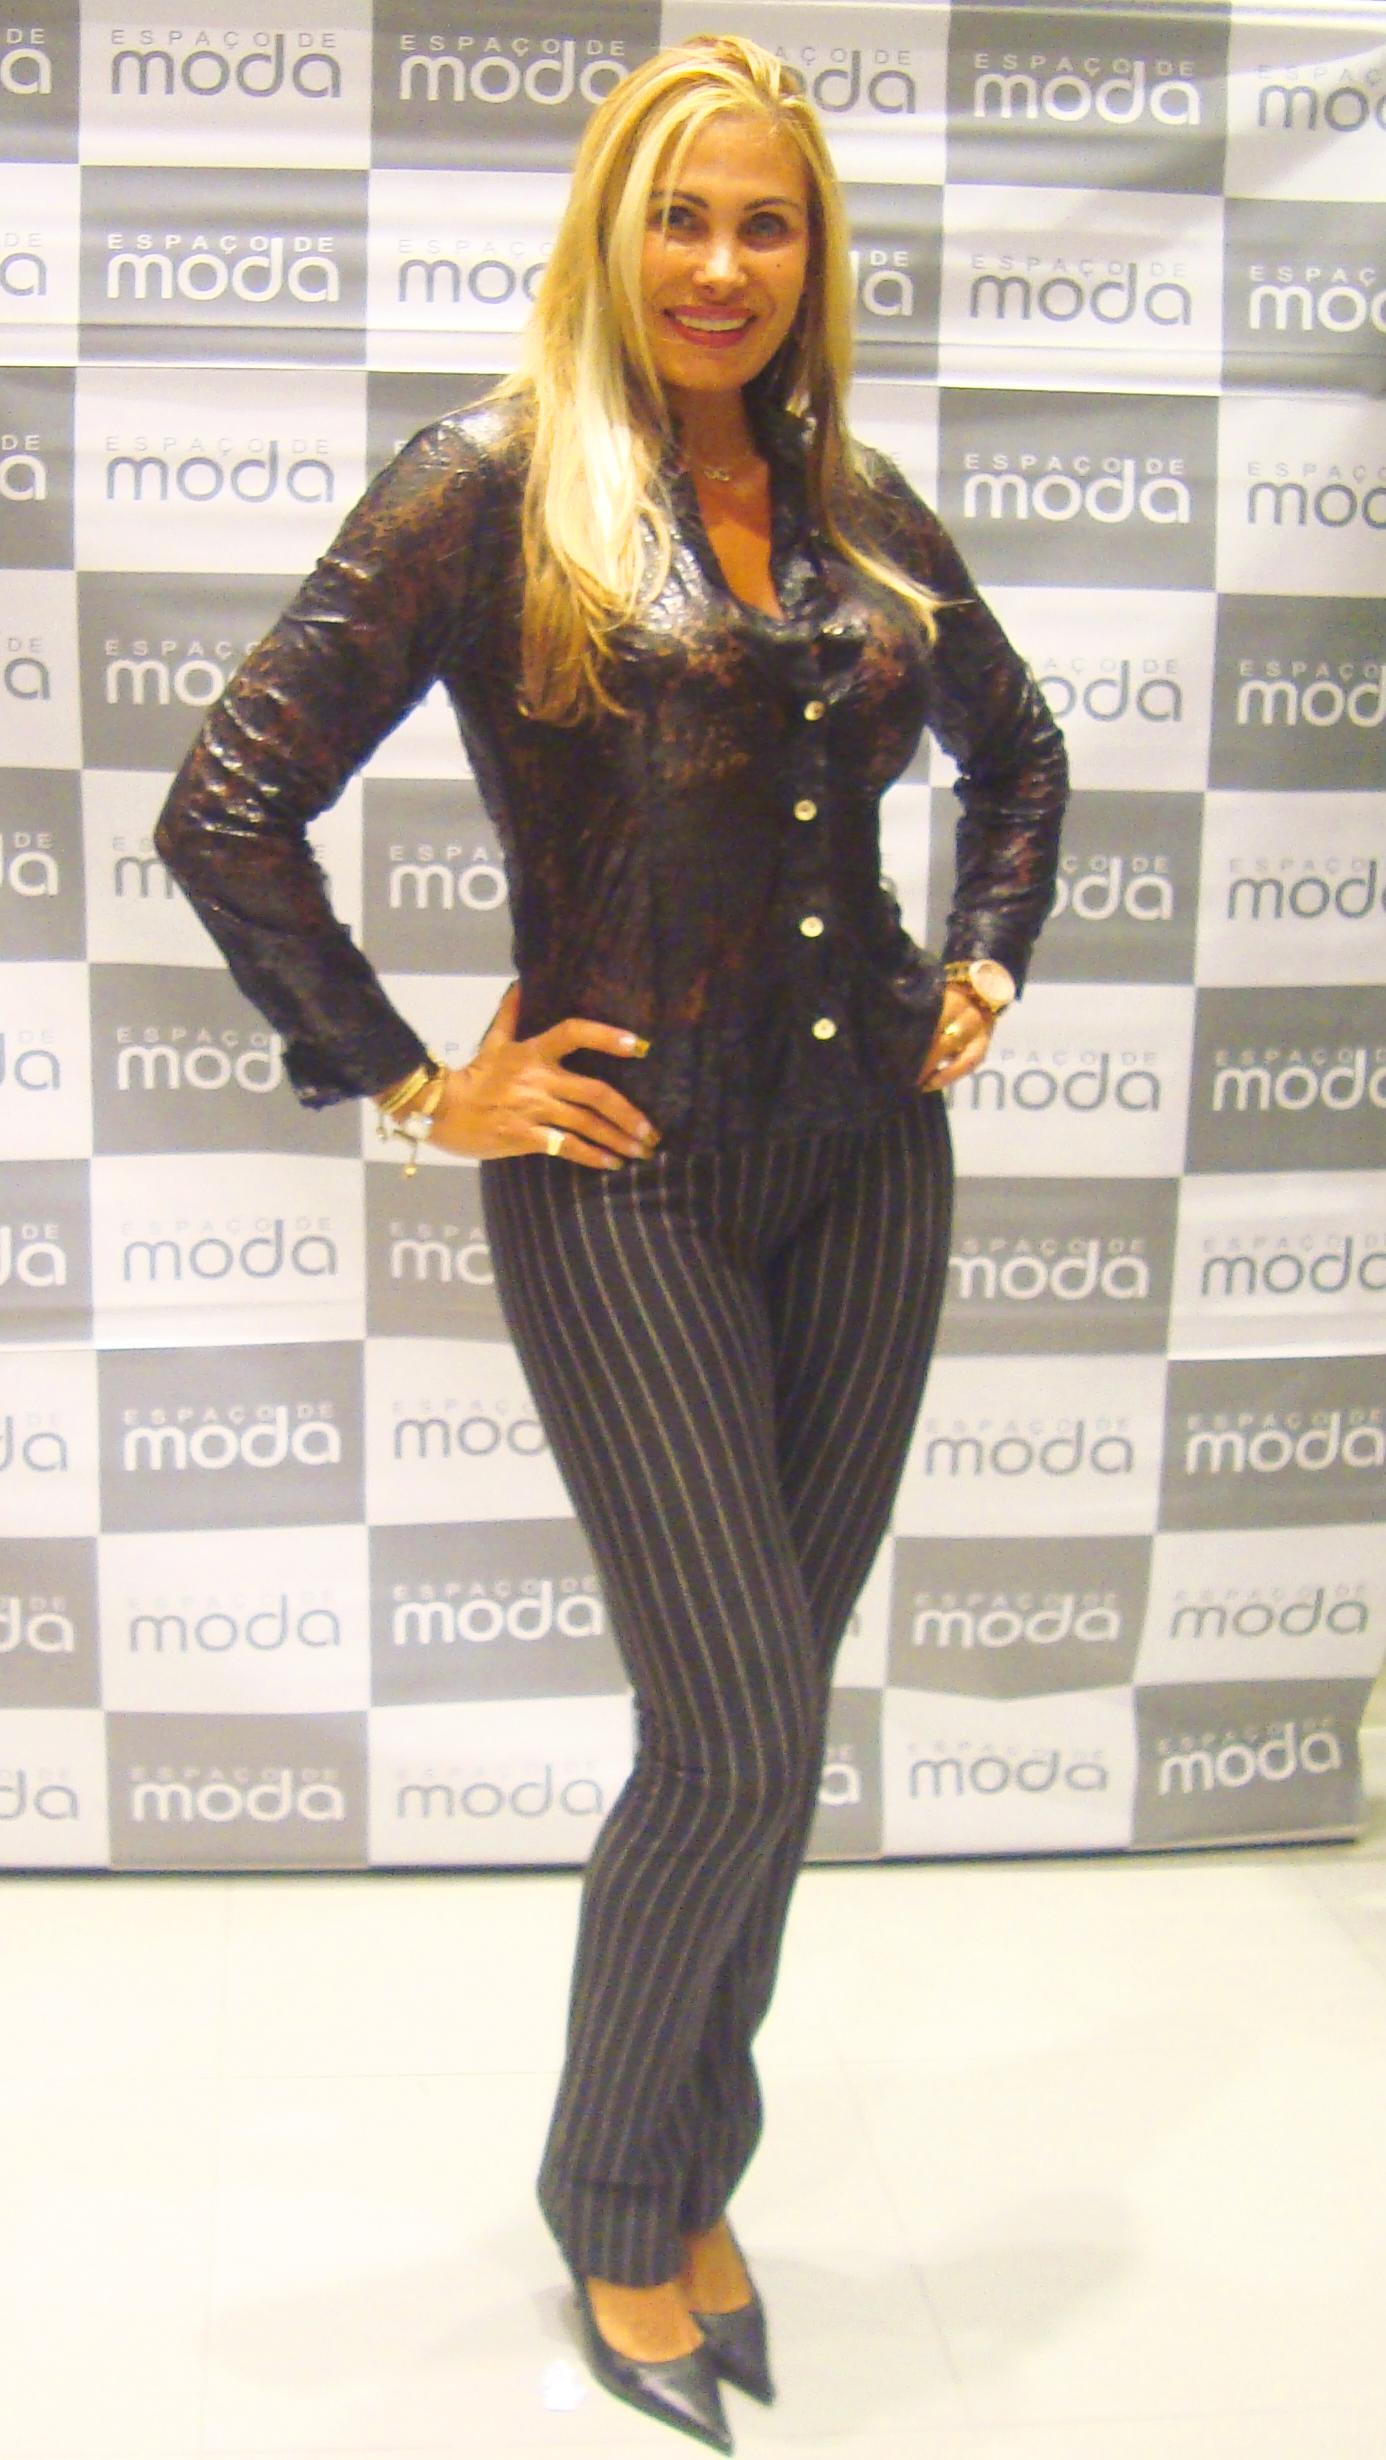 Angela Bismarchi angela bismarchi no espaço de moda   moda e espaço